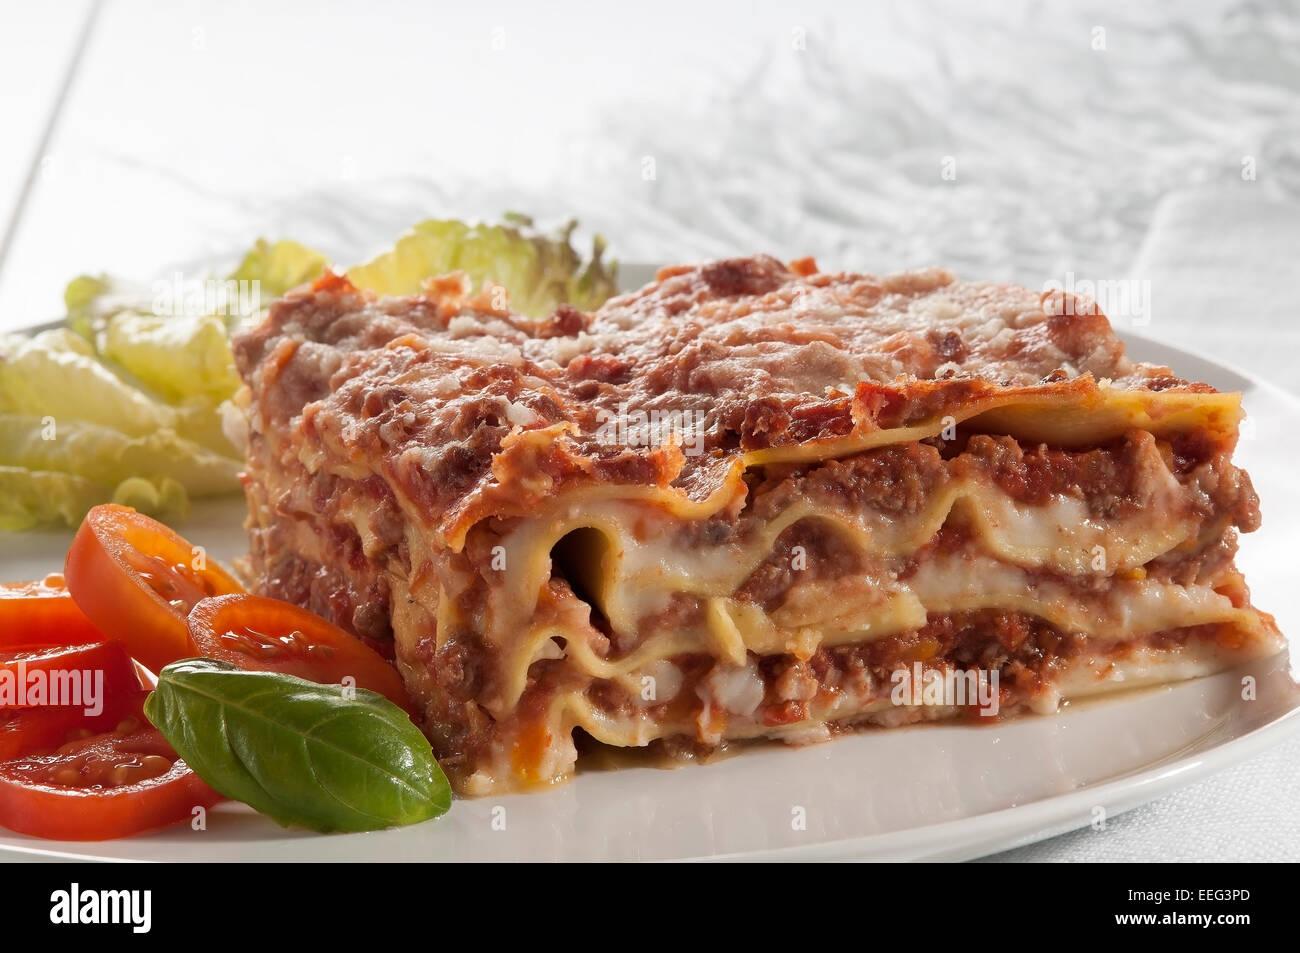 Lasagna stock photos lasagna stock images alamy for Pasta tipica italiana